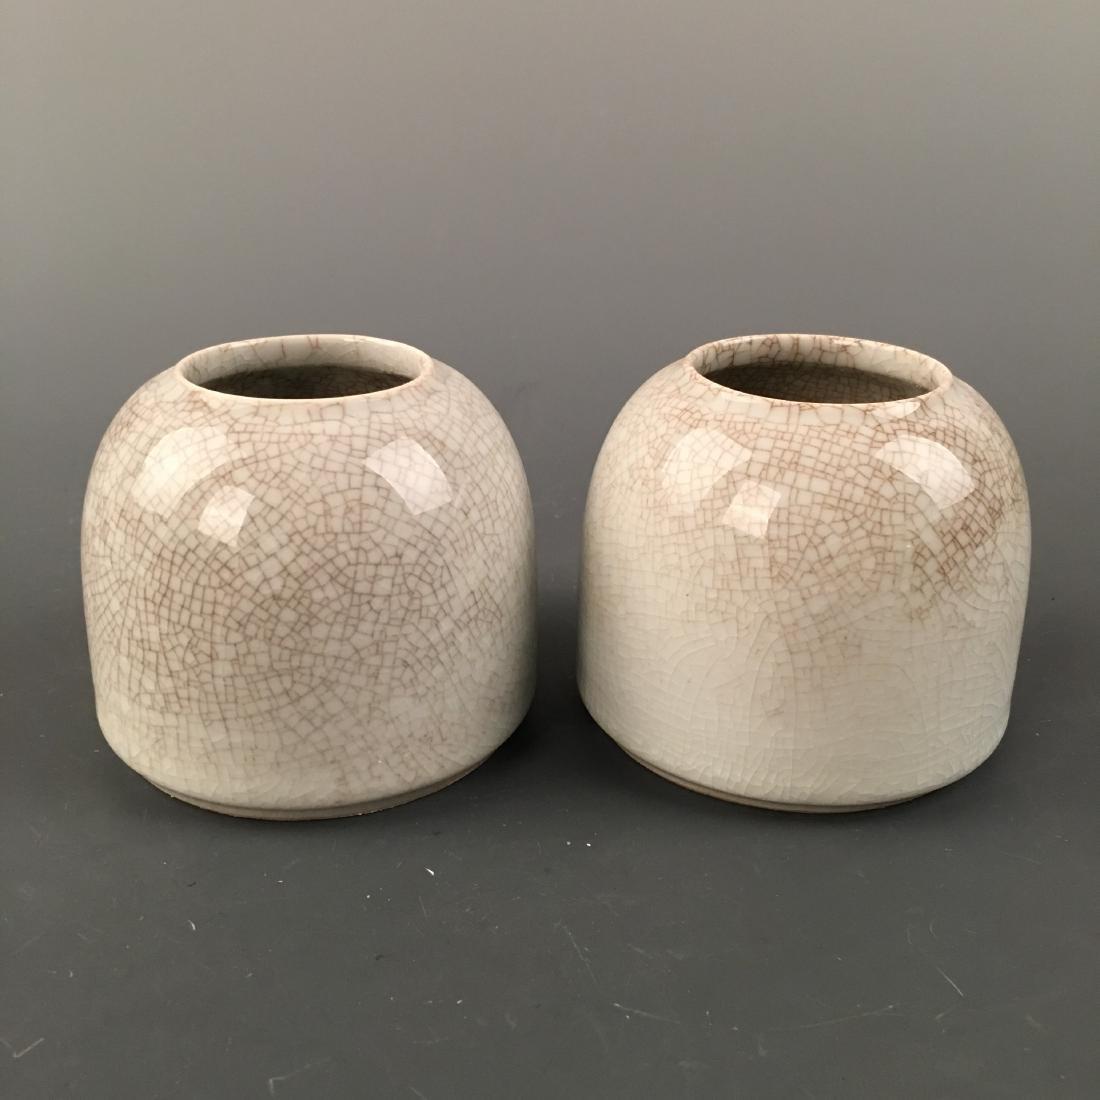 Chinese Ge-Type Porcelain Pot Pair